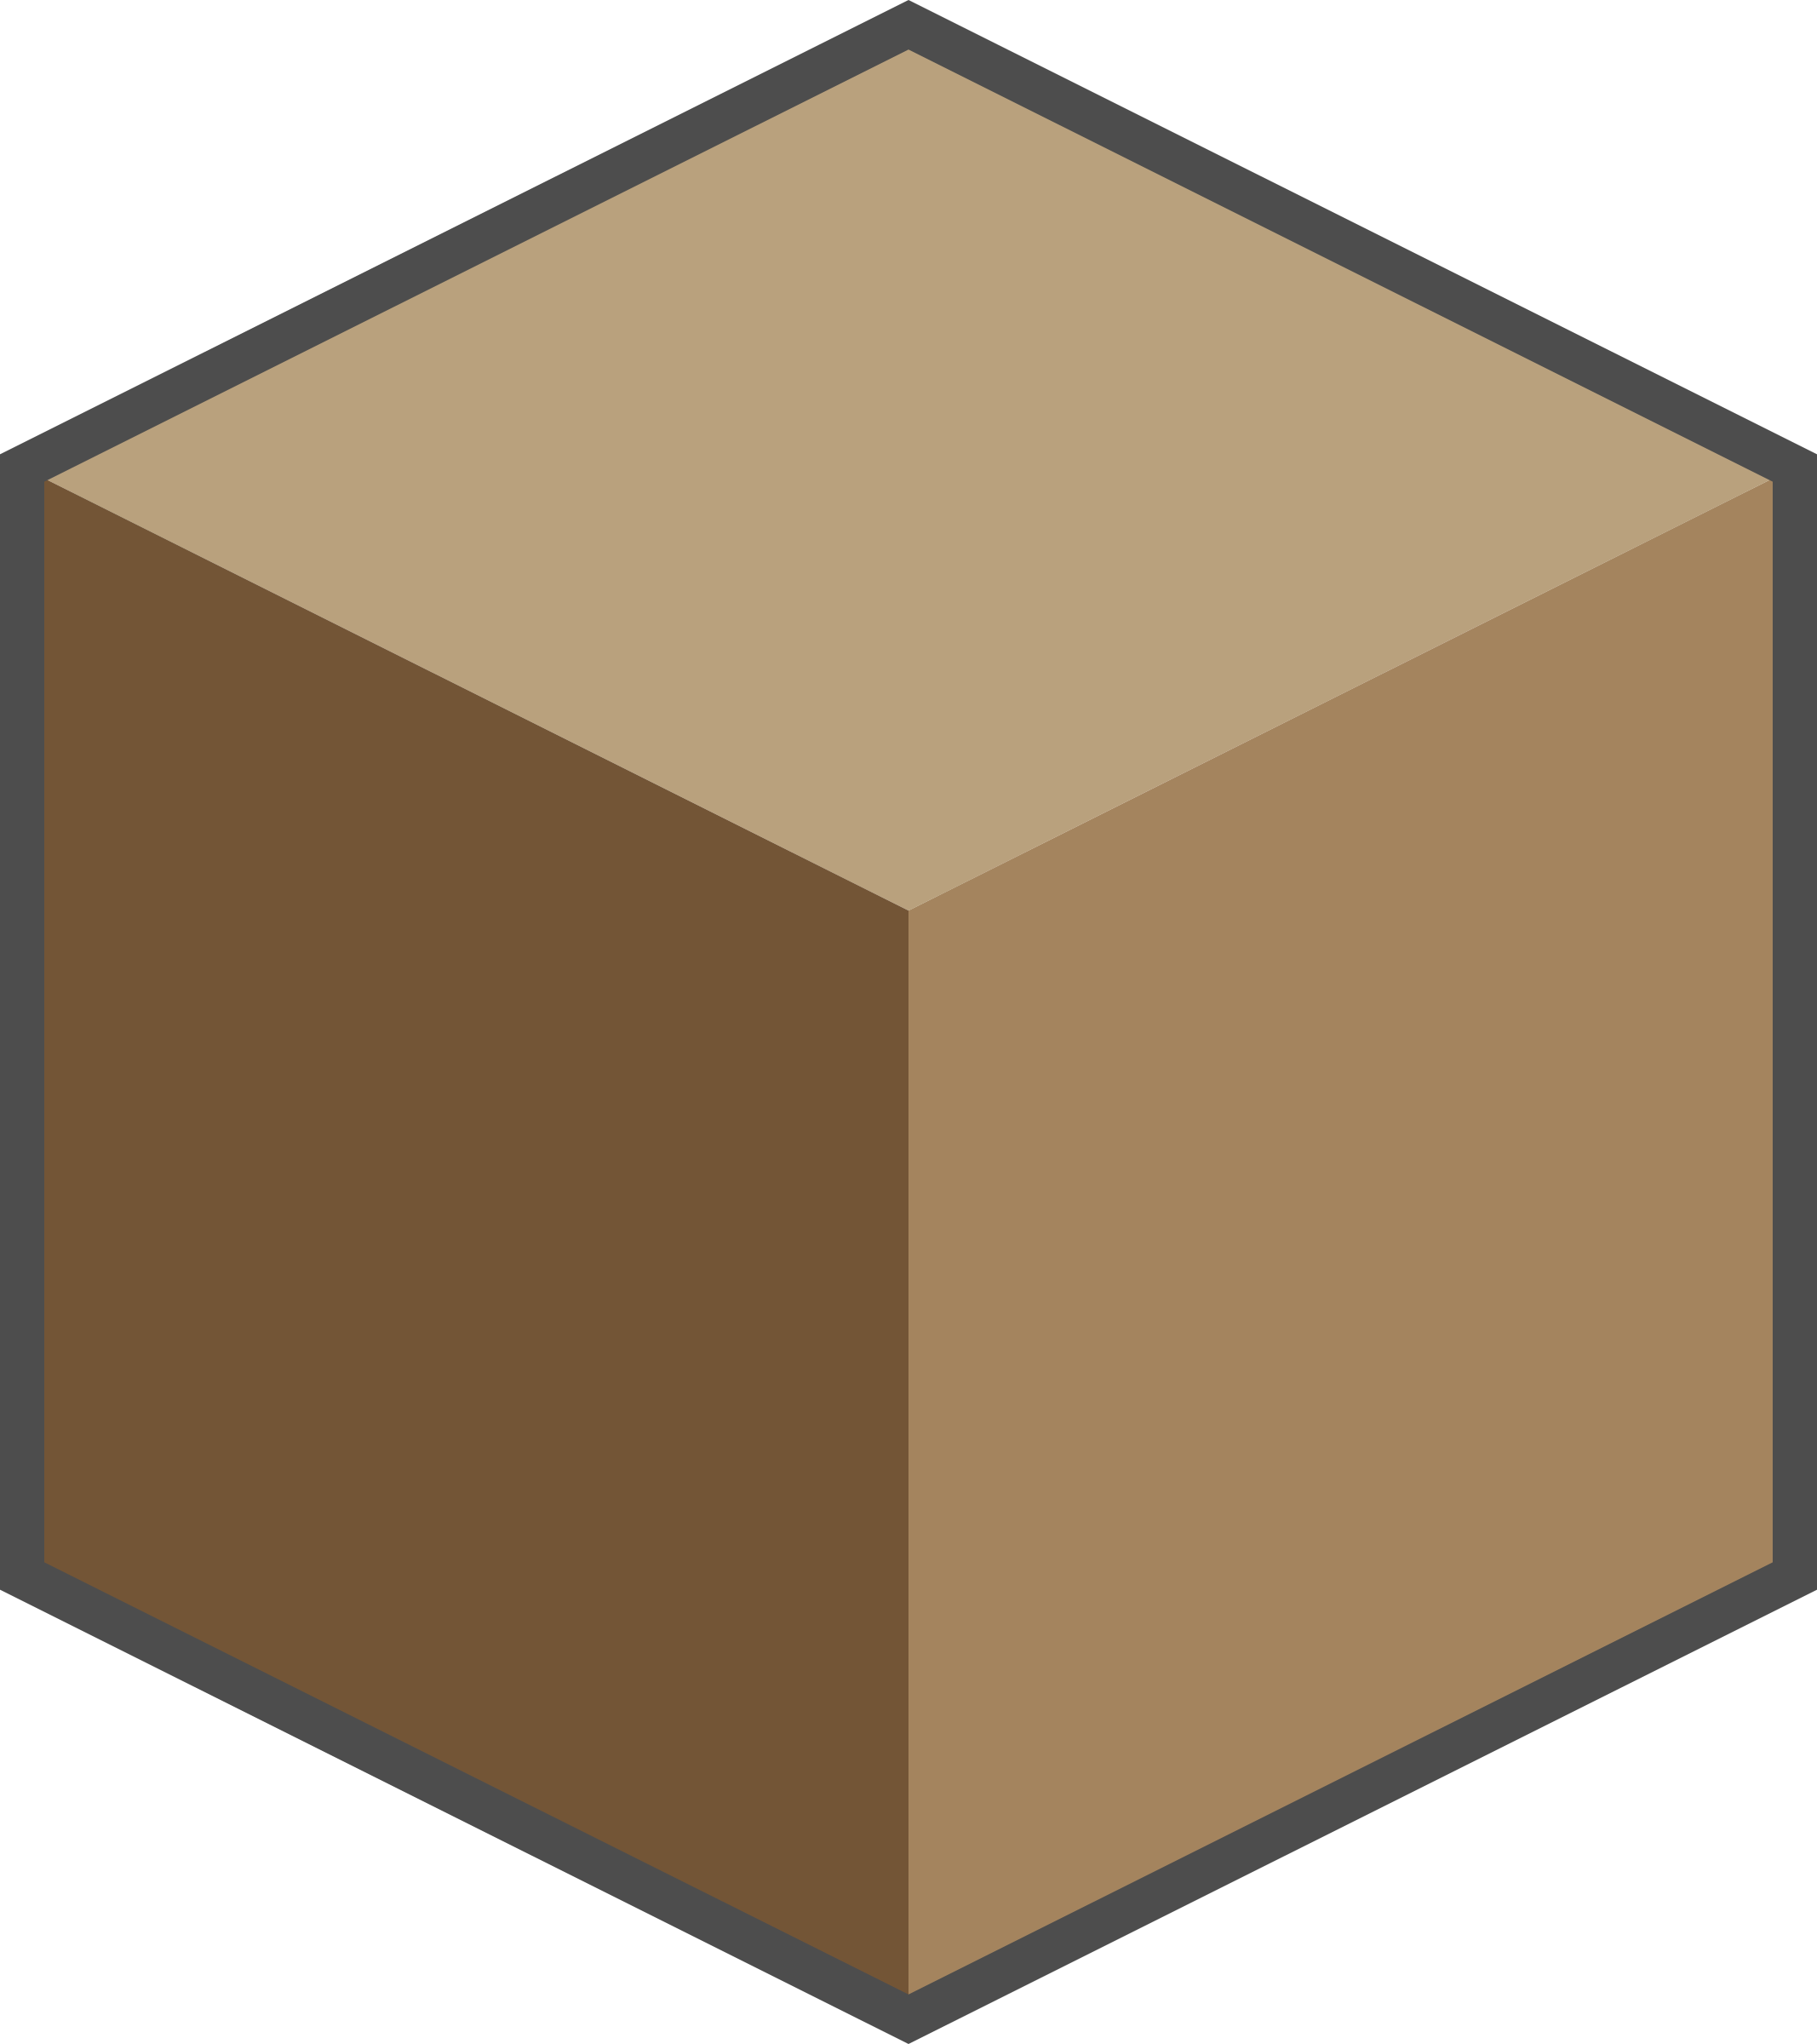 2134x2400 Box Clipart Cube